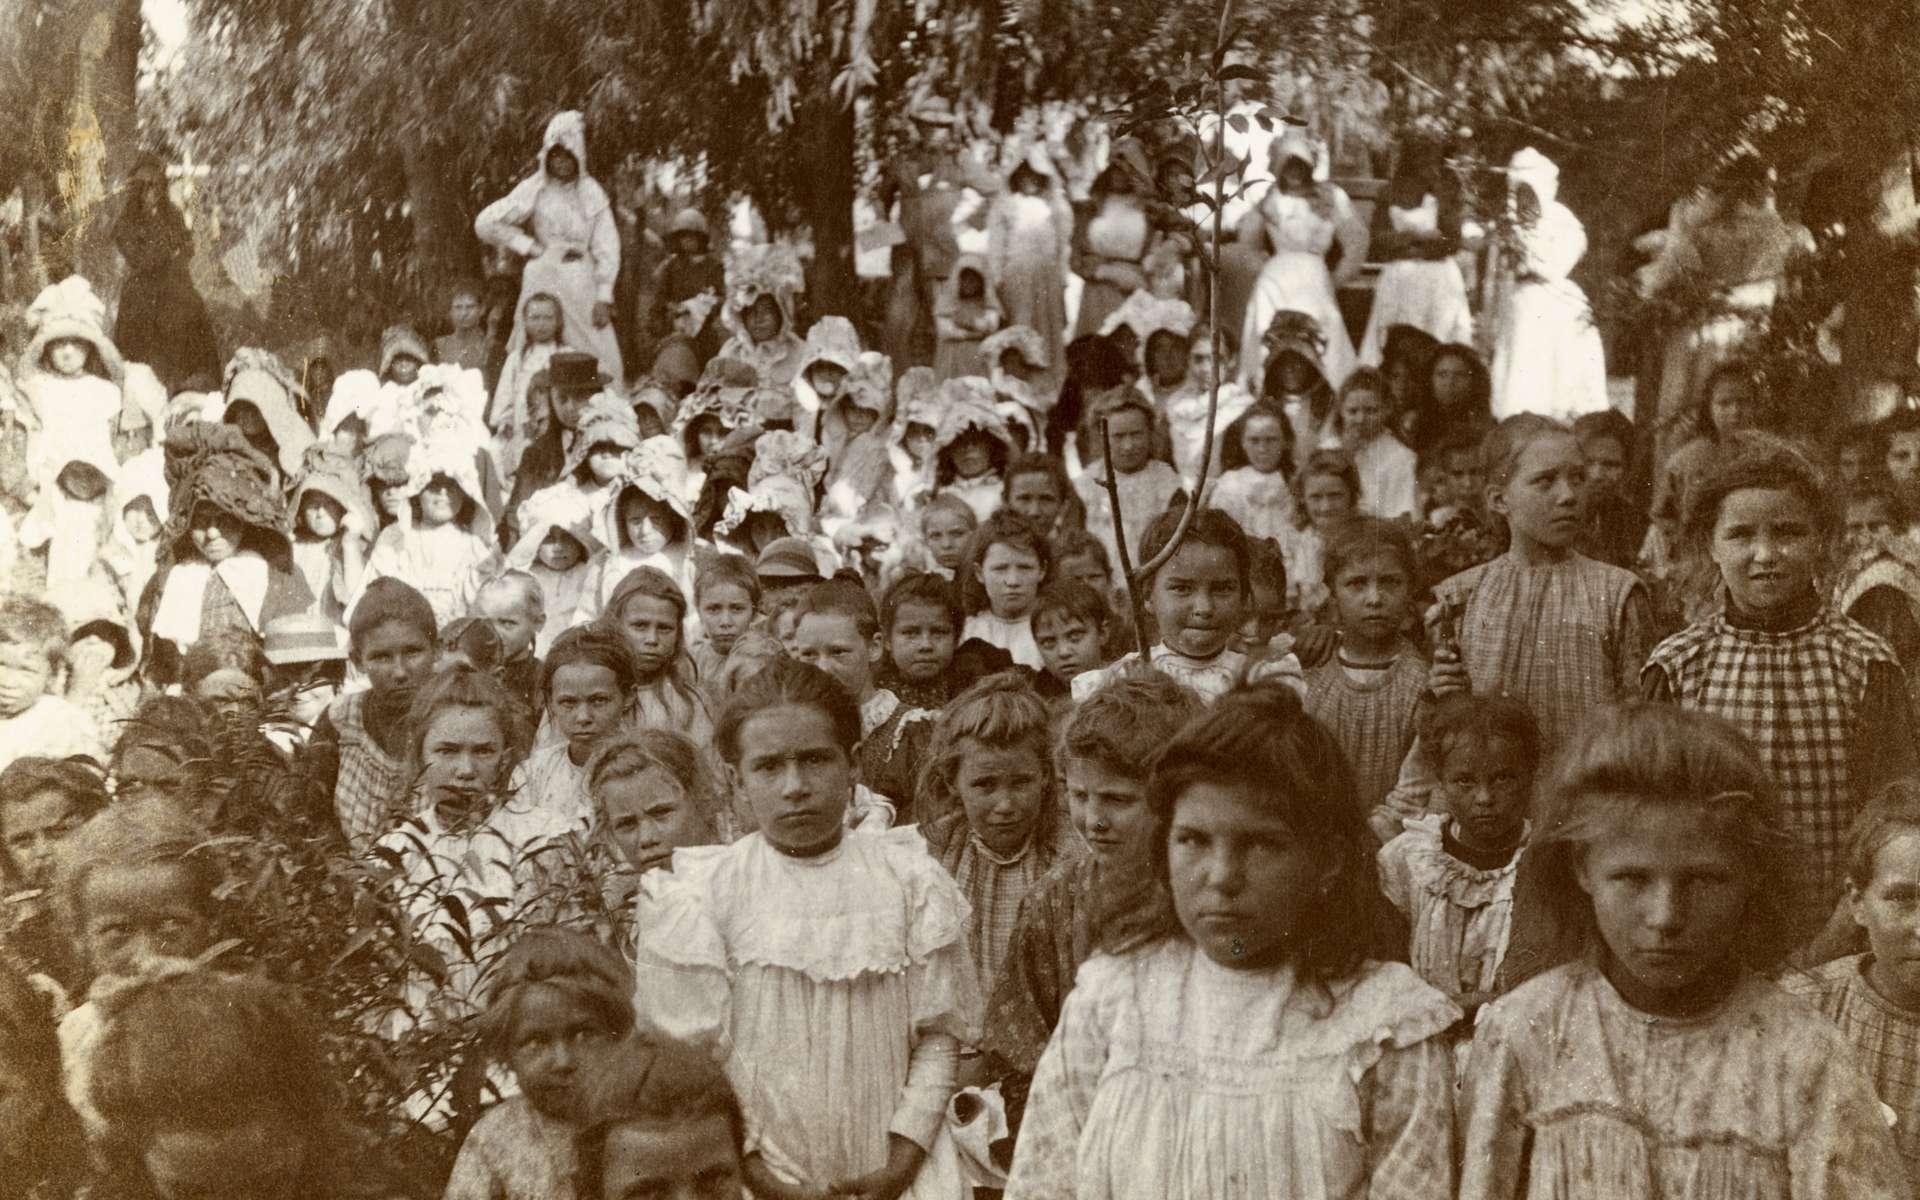 Des femmes et enfants boers internés dans le camp de concentration de Nylstroom, en 1901. © LSE library, Flickr, Wikimedia Commons